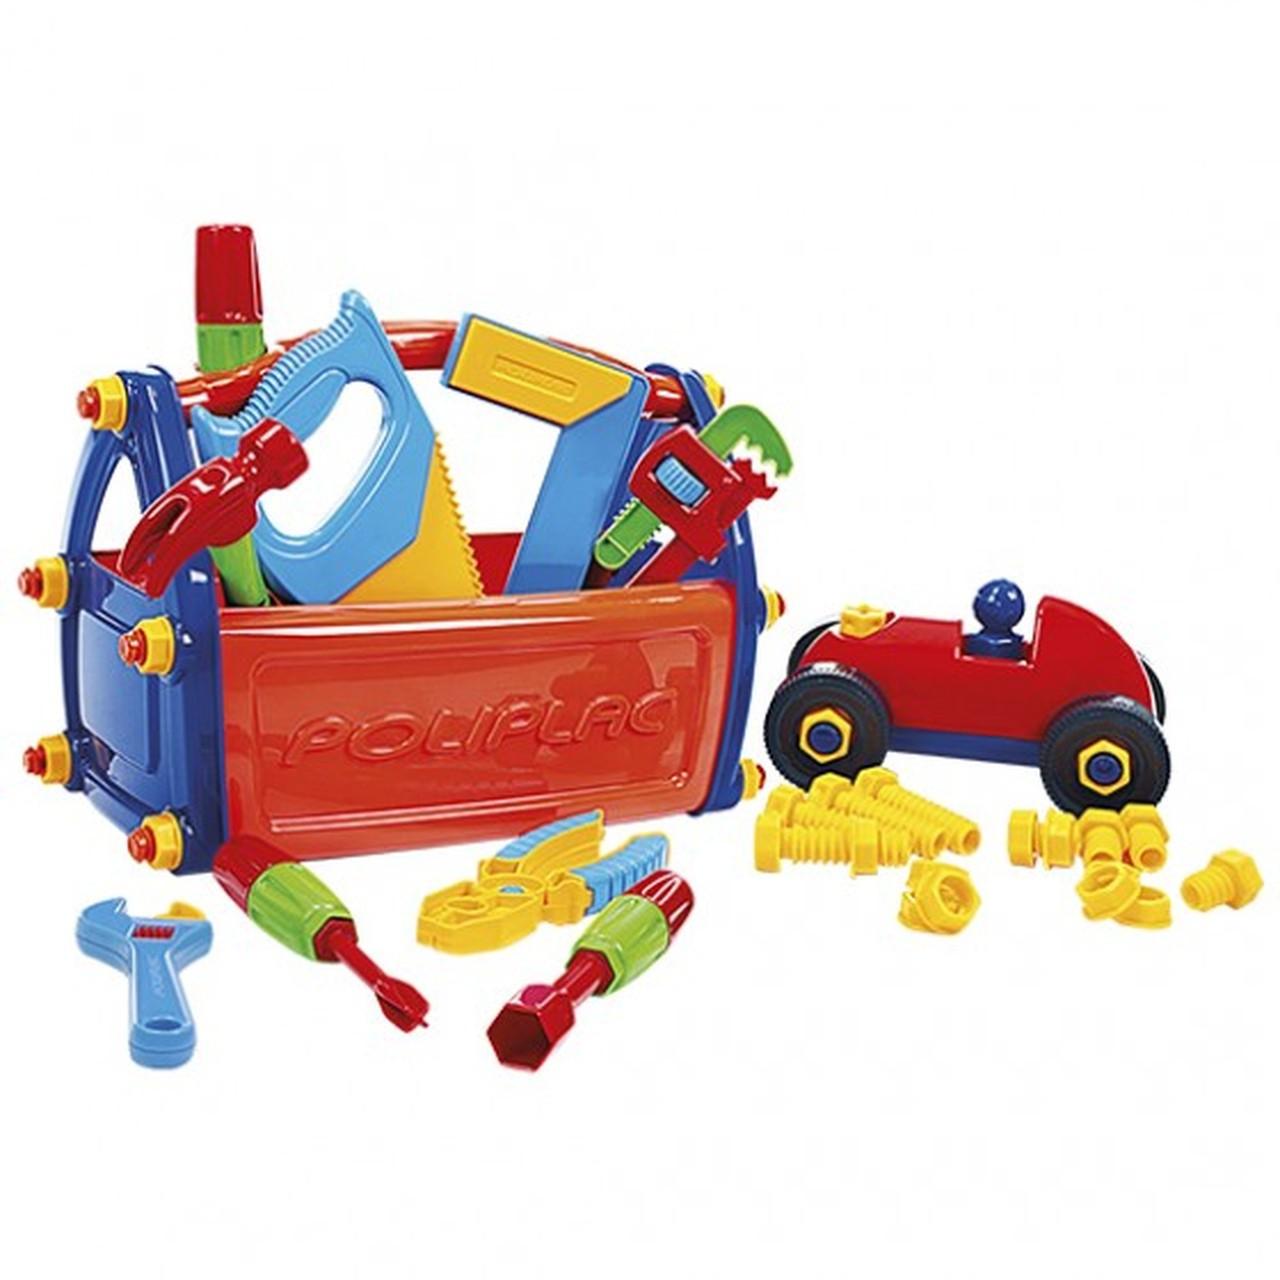 Caixa de Ferramentas Infantil 21 Peças - Poliplac 5931